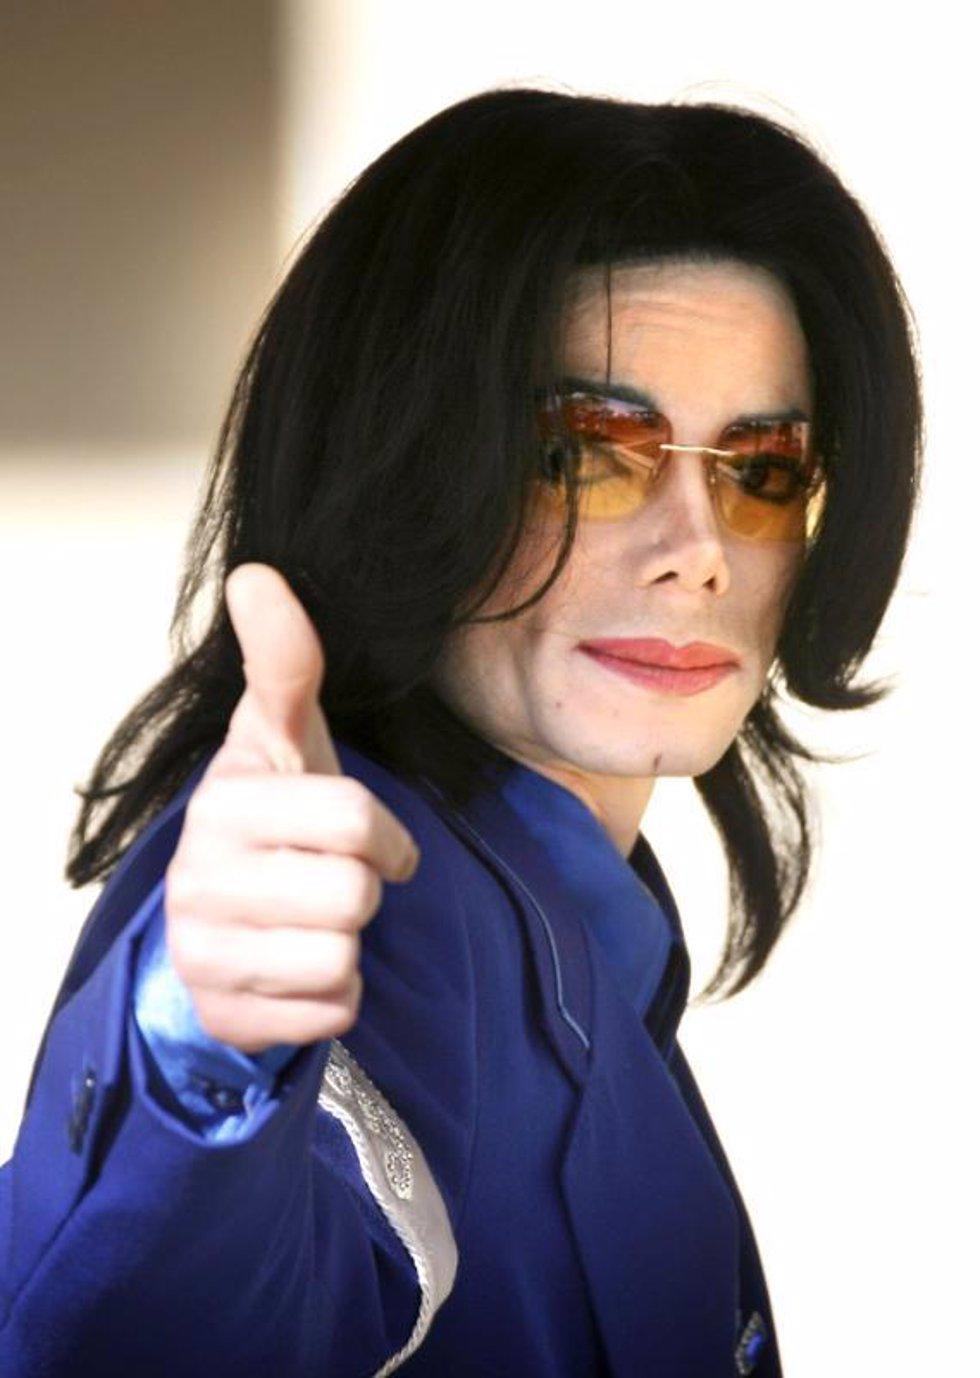 Michael Jackson: Madonna estaba locamente enamorada de mi